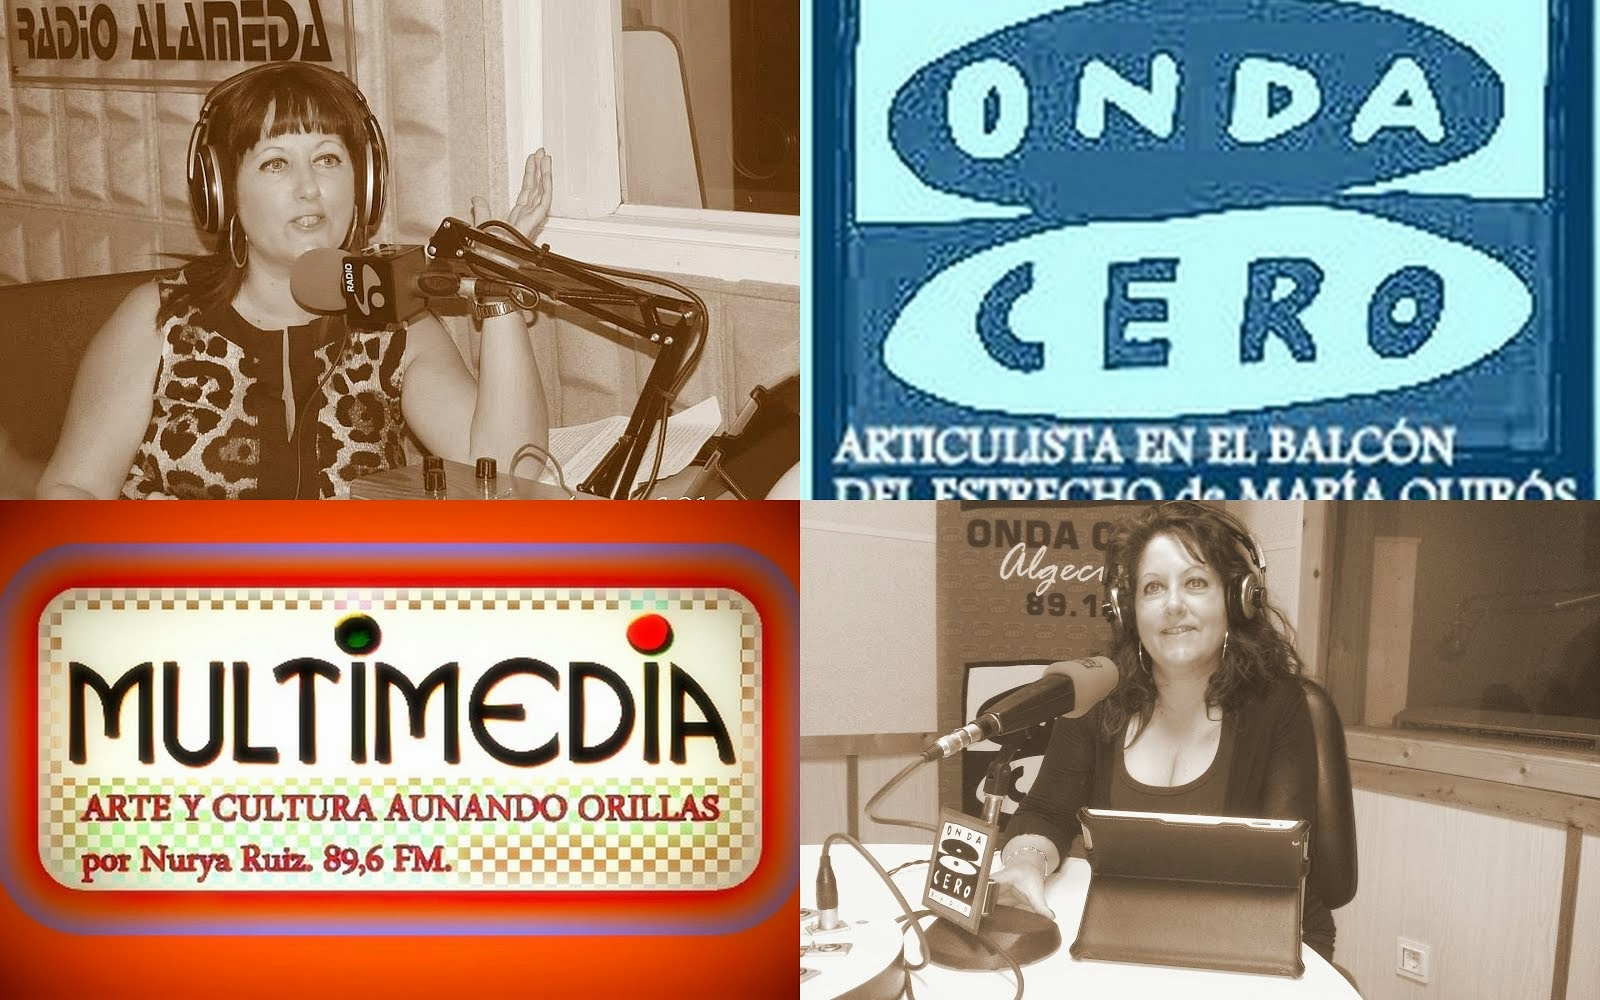 Programa de radio Multimedia y colaboración en otras emisoras como Onda Cero Algeciras.